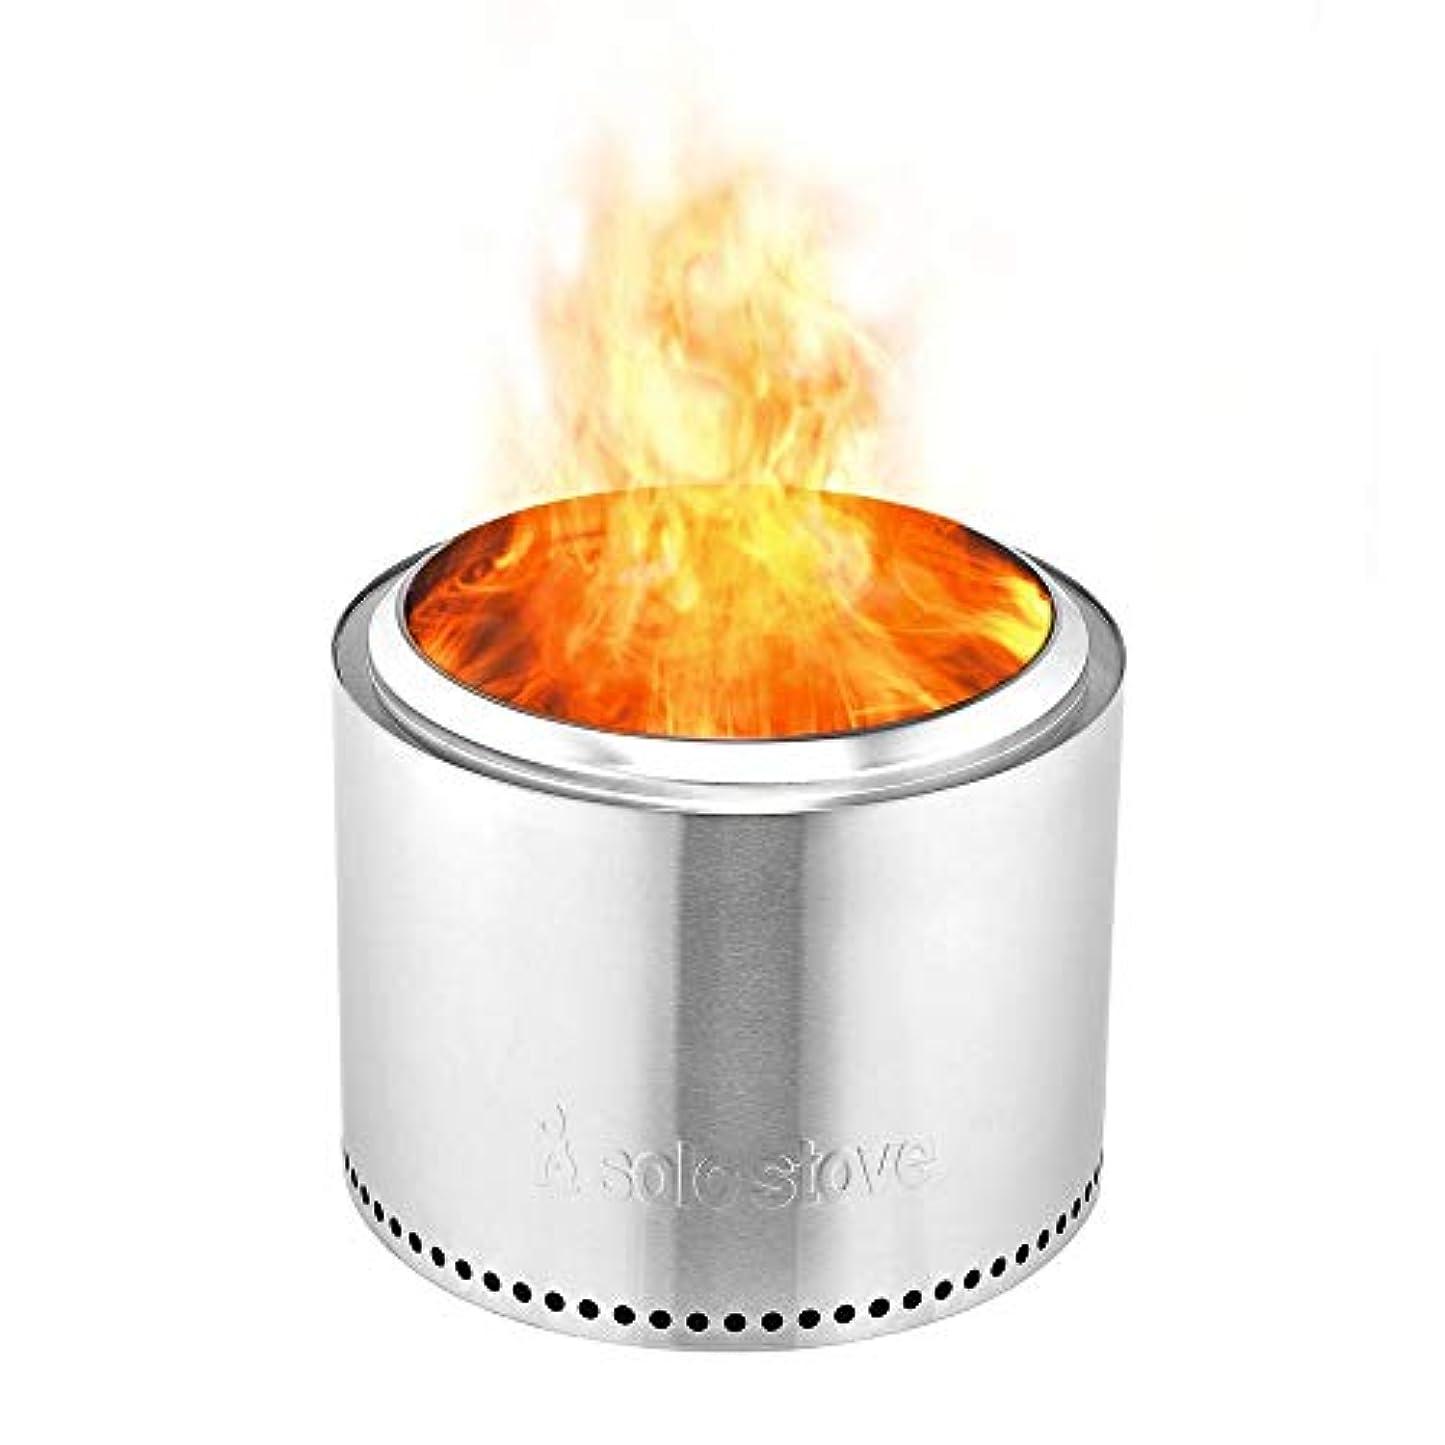 作りシード同盟solo stove ソロストーブ ボンファイヤー キャンプ 焚き火台 米国正規品 [並行輸入品]